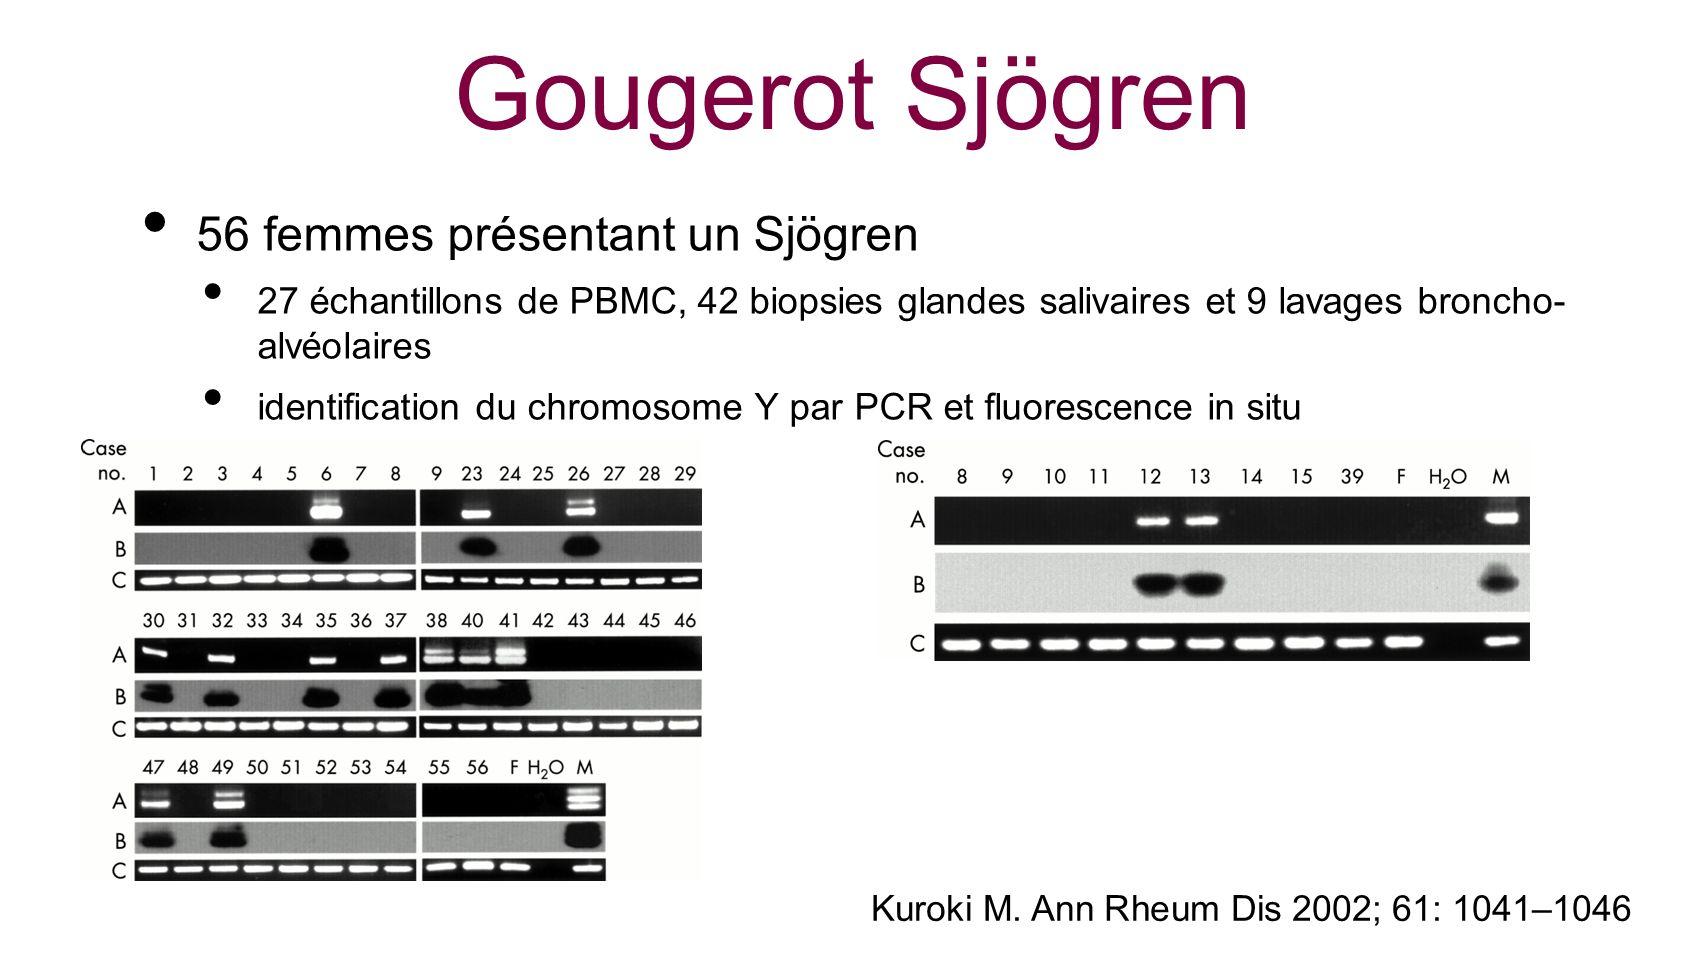 Gougerot Sjögren 56 femmes présentant un Sjögren 27 échantillons de PBMC, 42 biopsies glandes salivaires et 9 lavages broncho- alvéolaires identificat